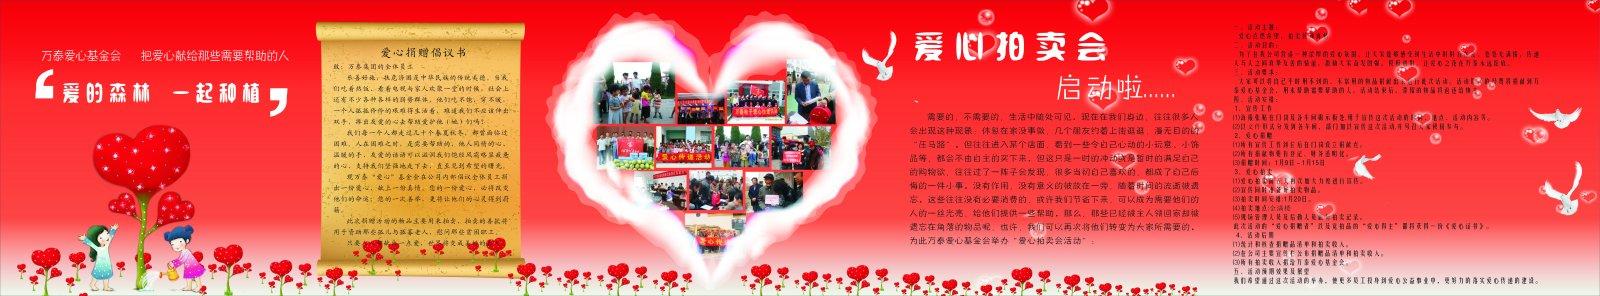 爱心捐赠活动手绘展板